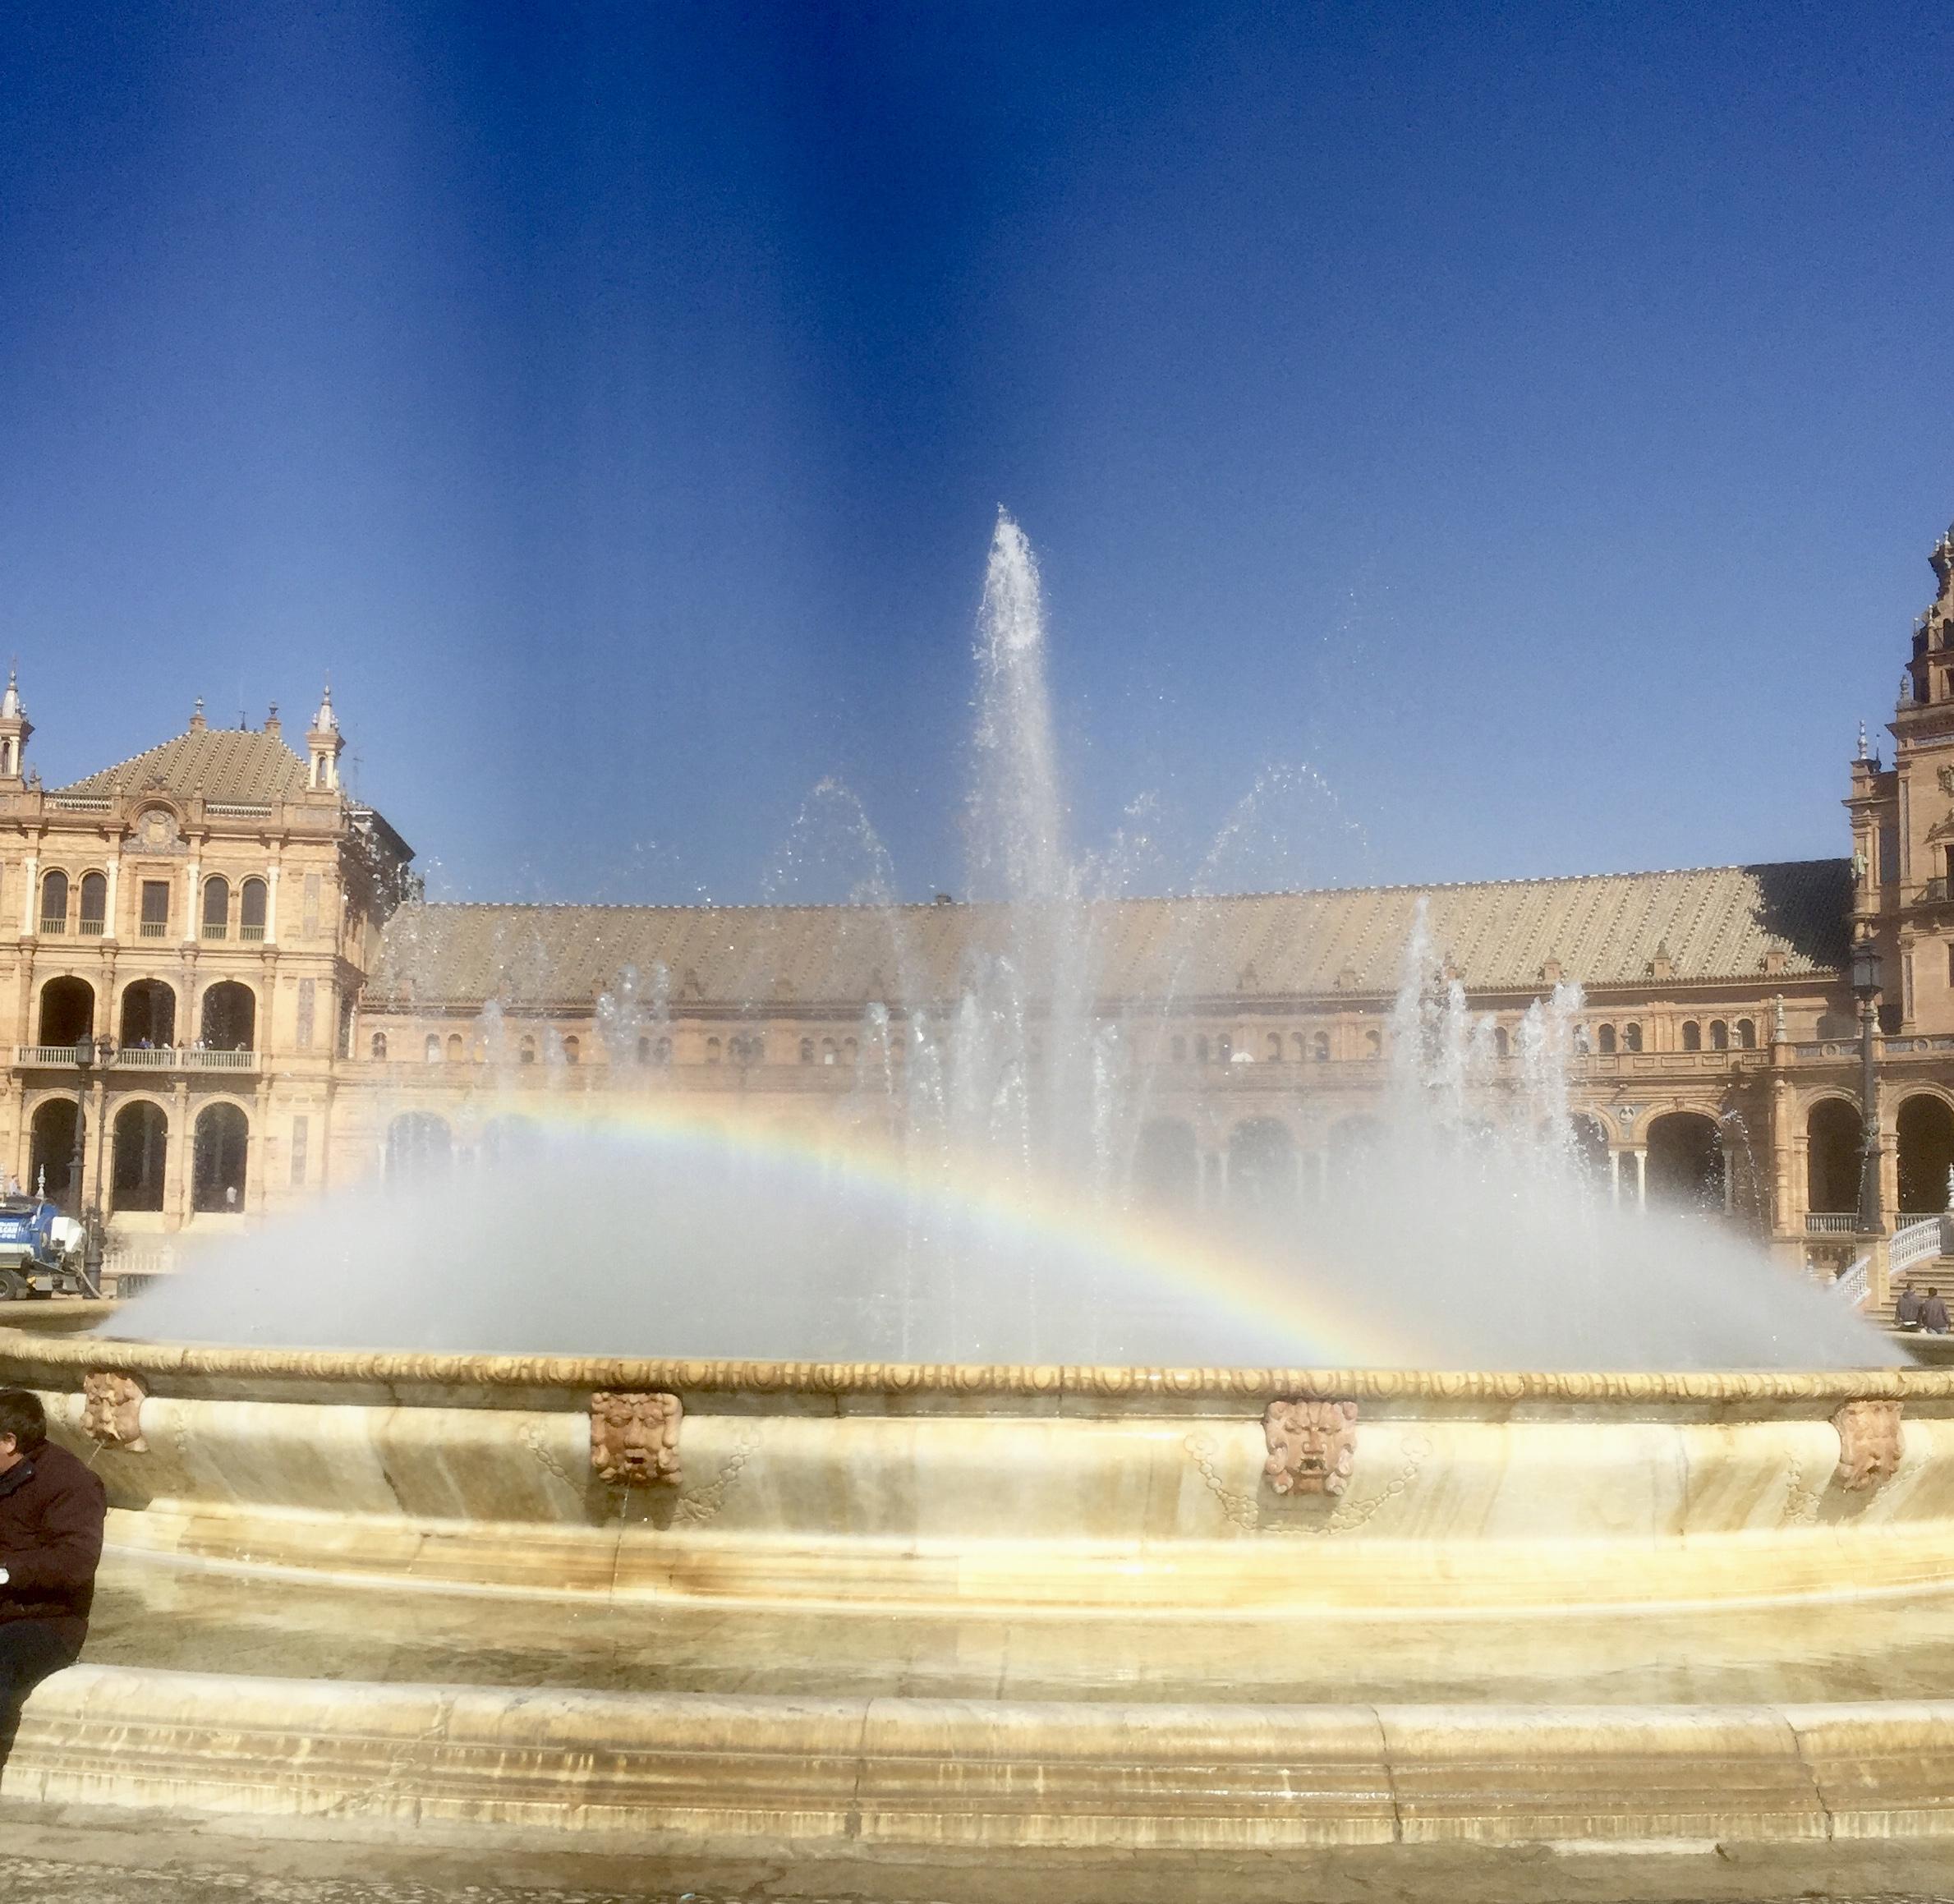 La fontaine au milieu a été créée en 1927 par Vicente Traver